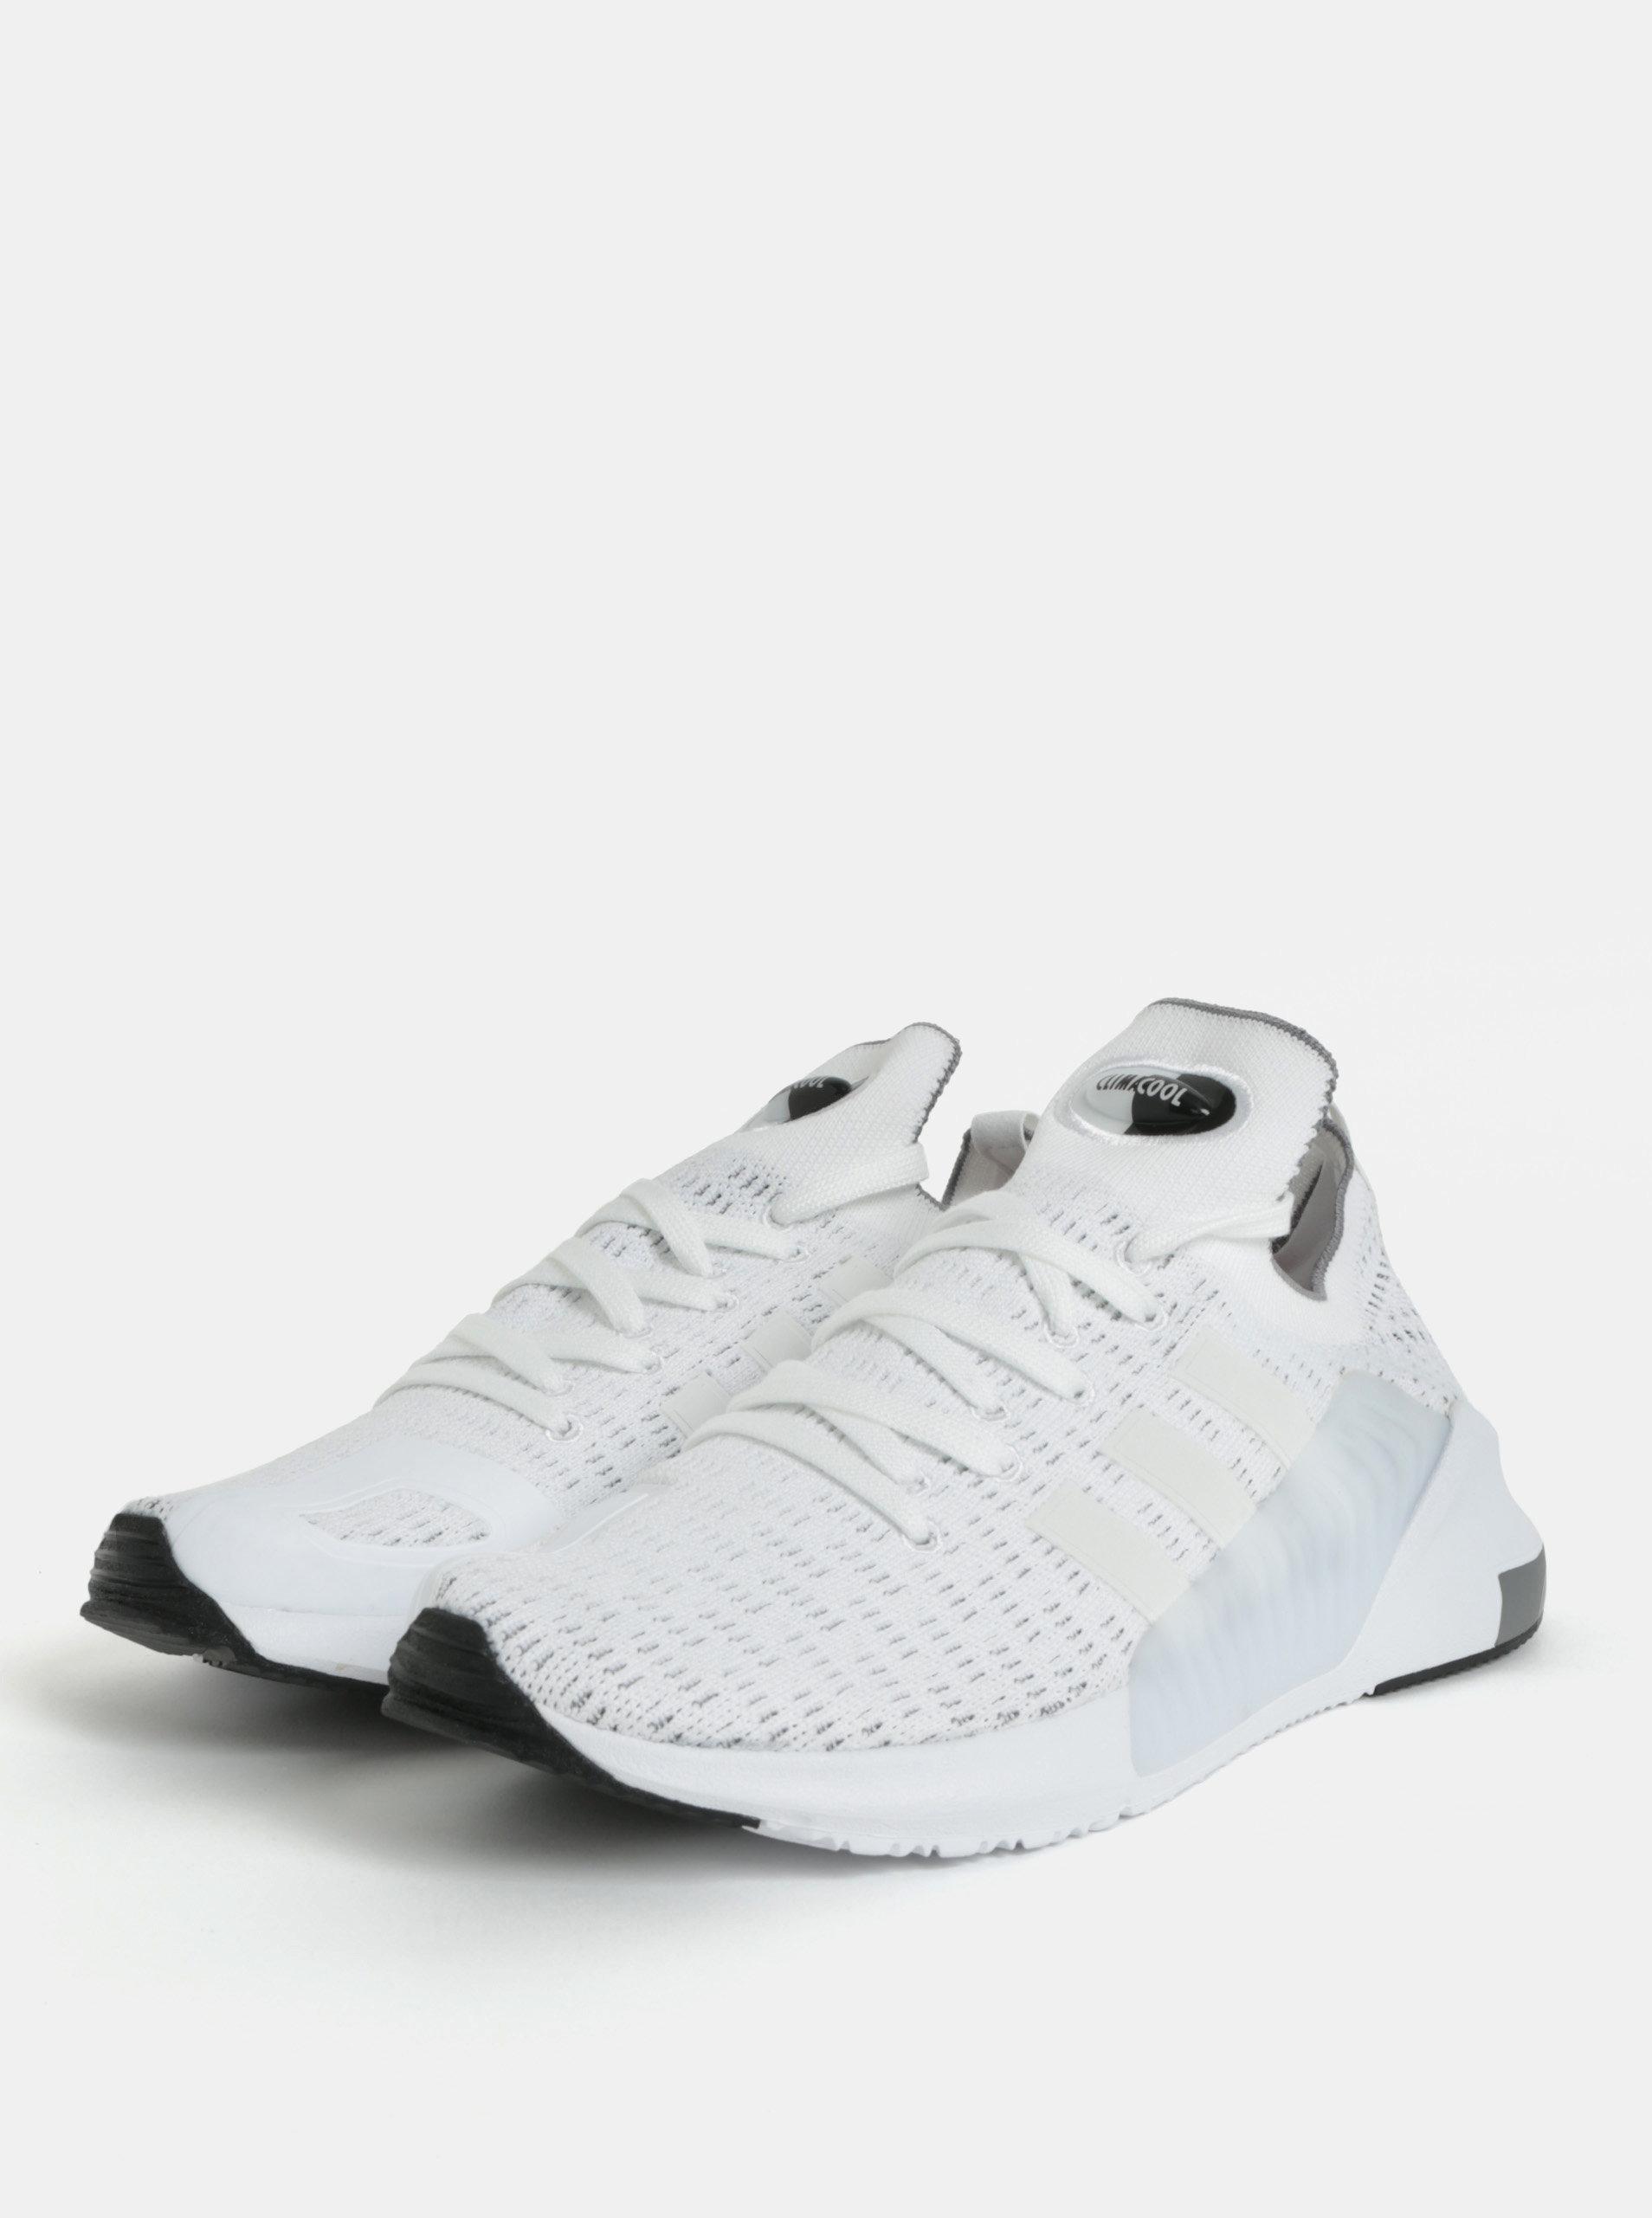 80d473d383f Bílé pánské tenisky adidas Originals Climacool 02 17 PK ...